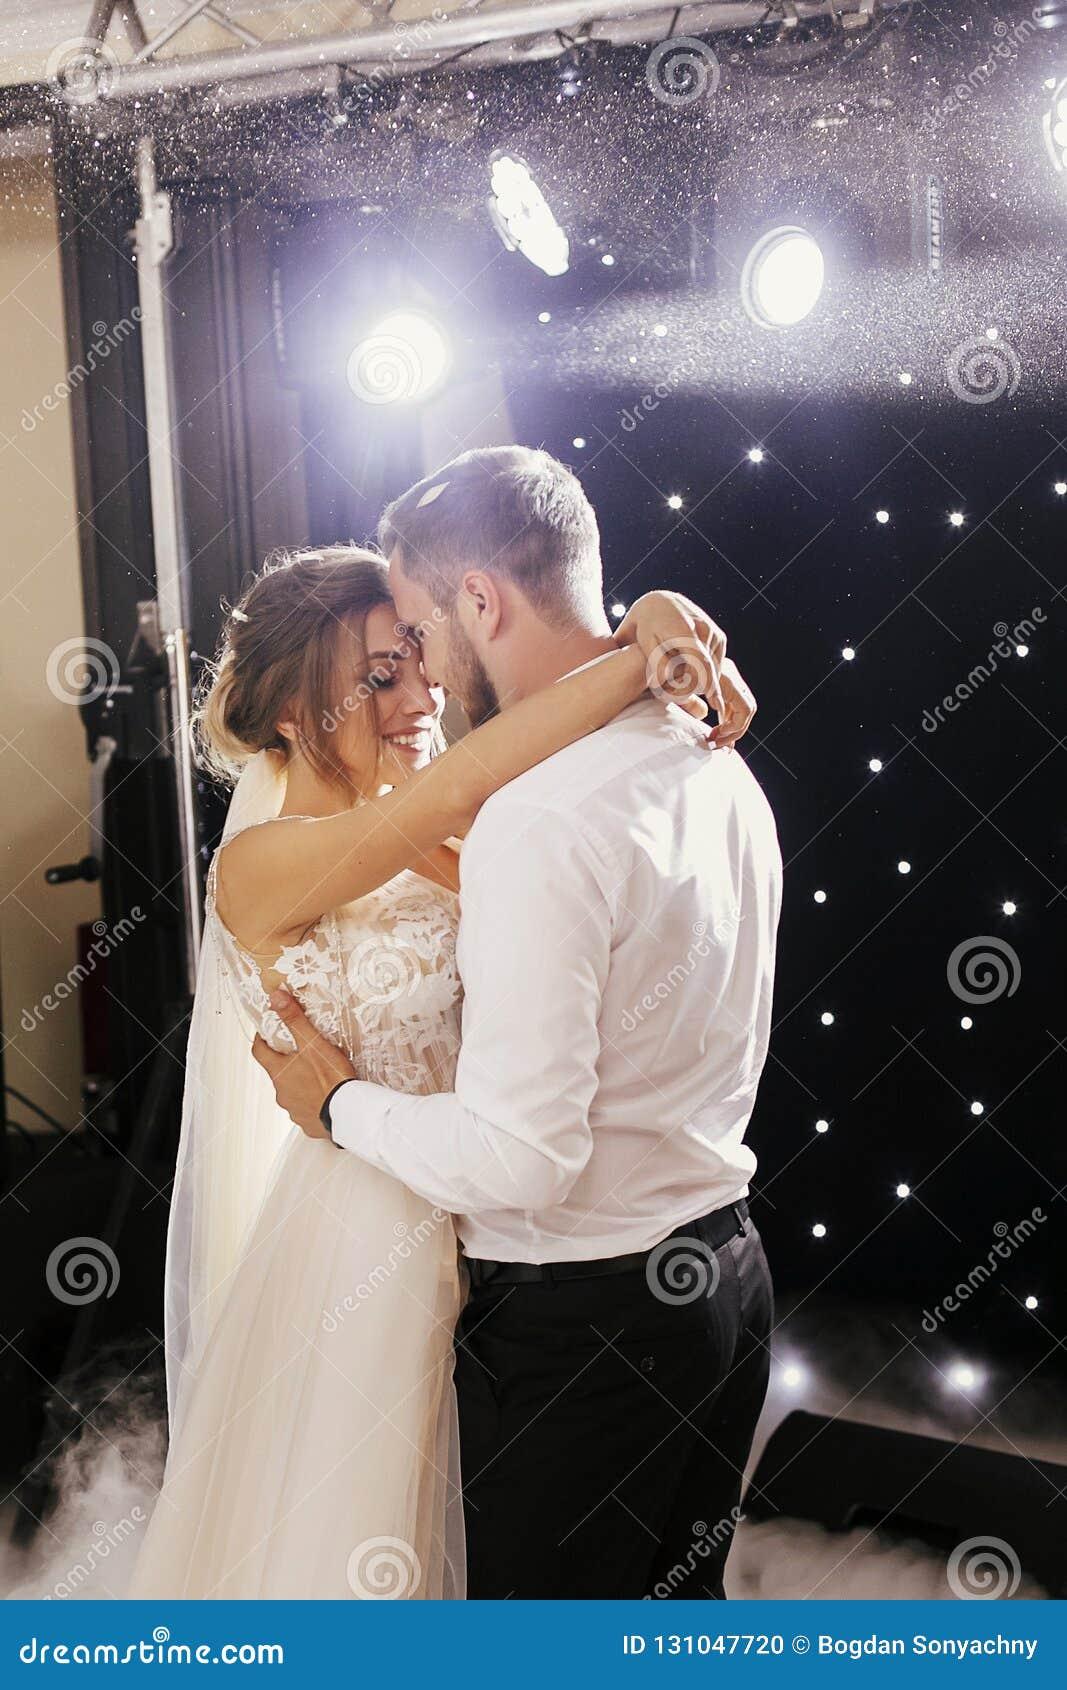 Πανέμορφη νύφη και μοντέρνος νεόνυμφος που χορεύουν ήπια στο γάμο recep